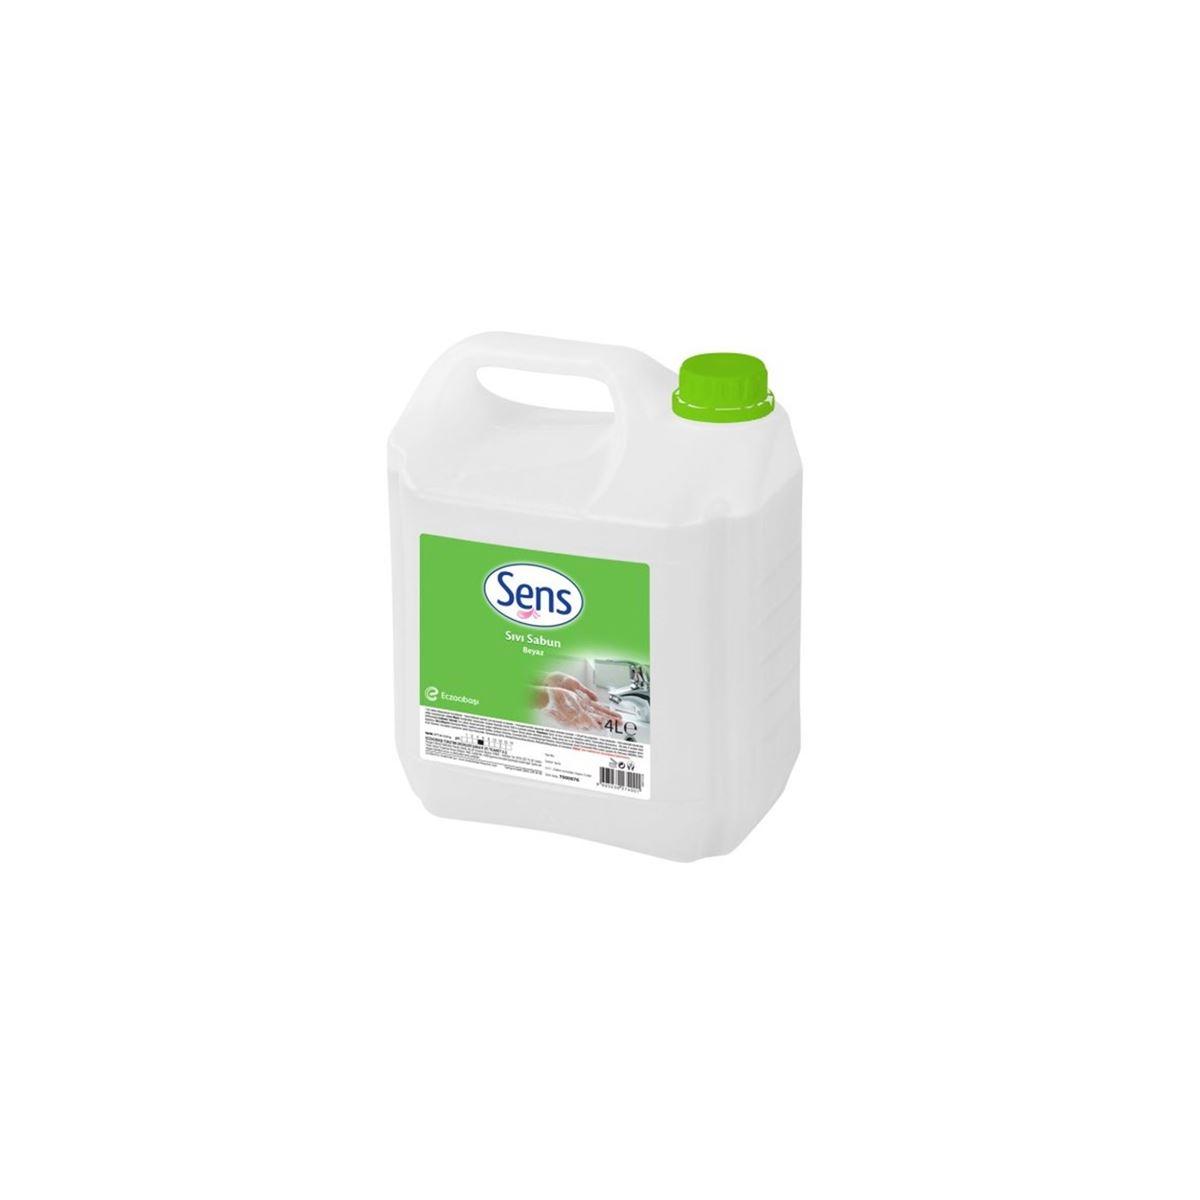 Sens Sıvı Sabun Beyaz 4kg 4'lü Koli resmi